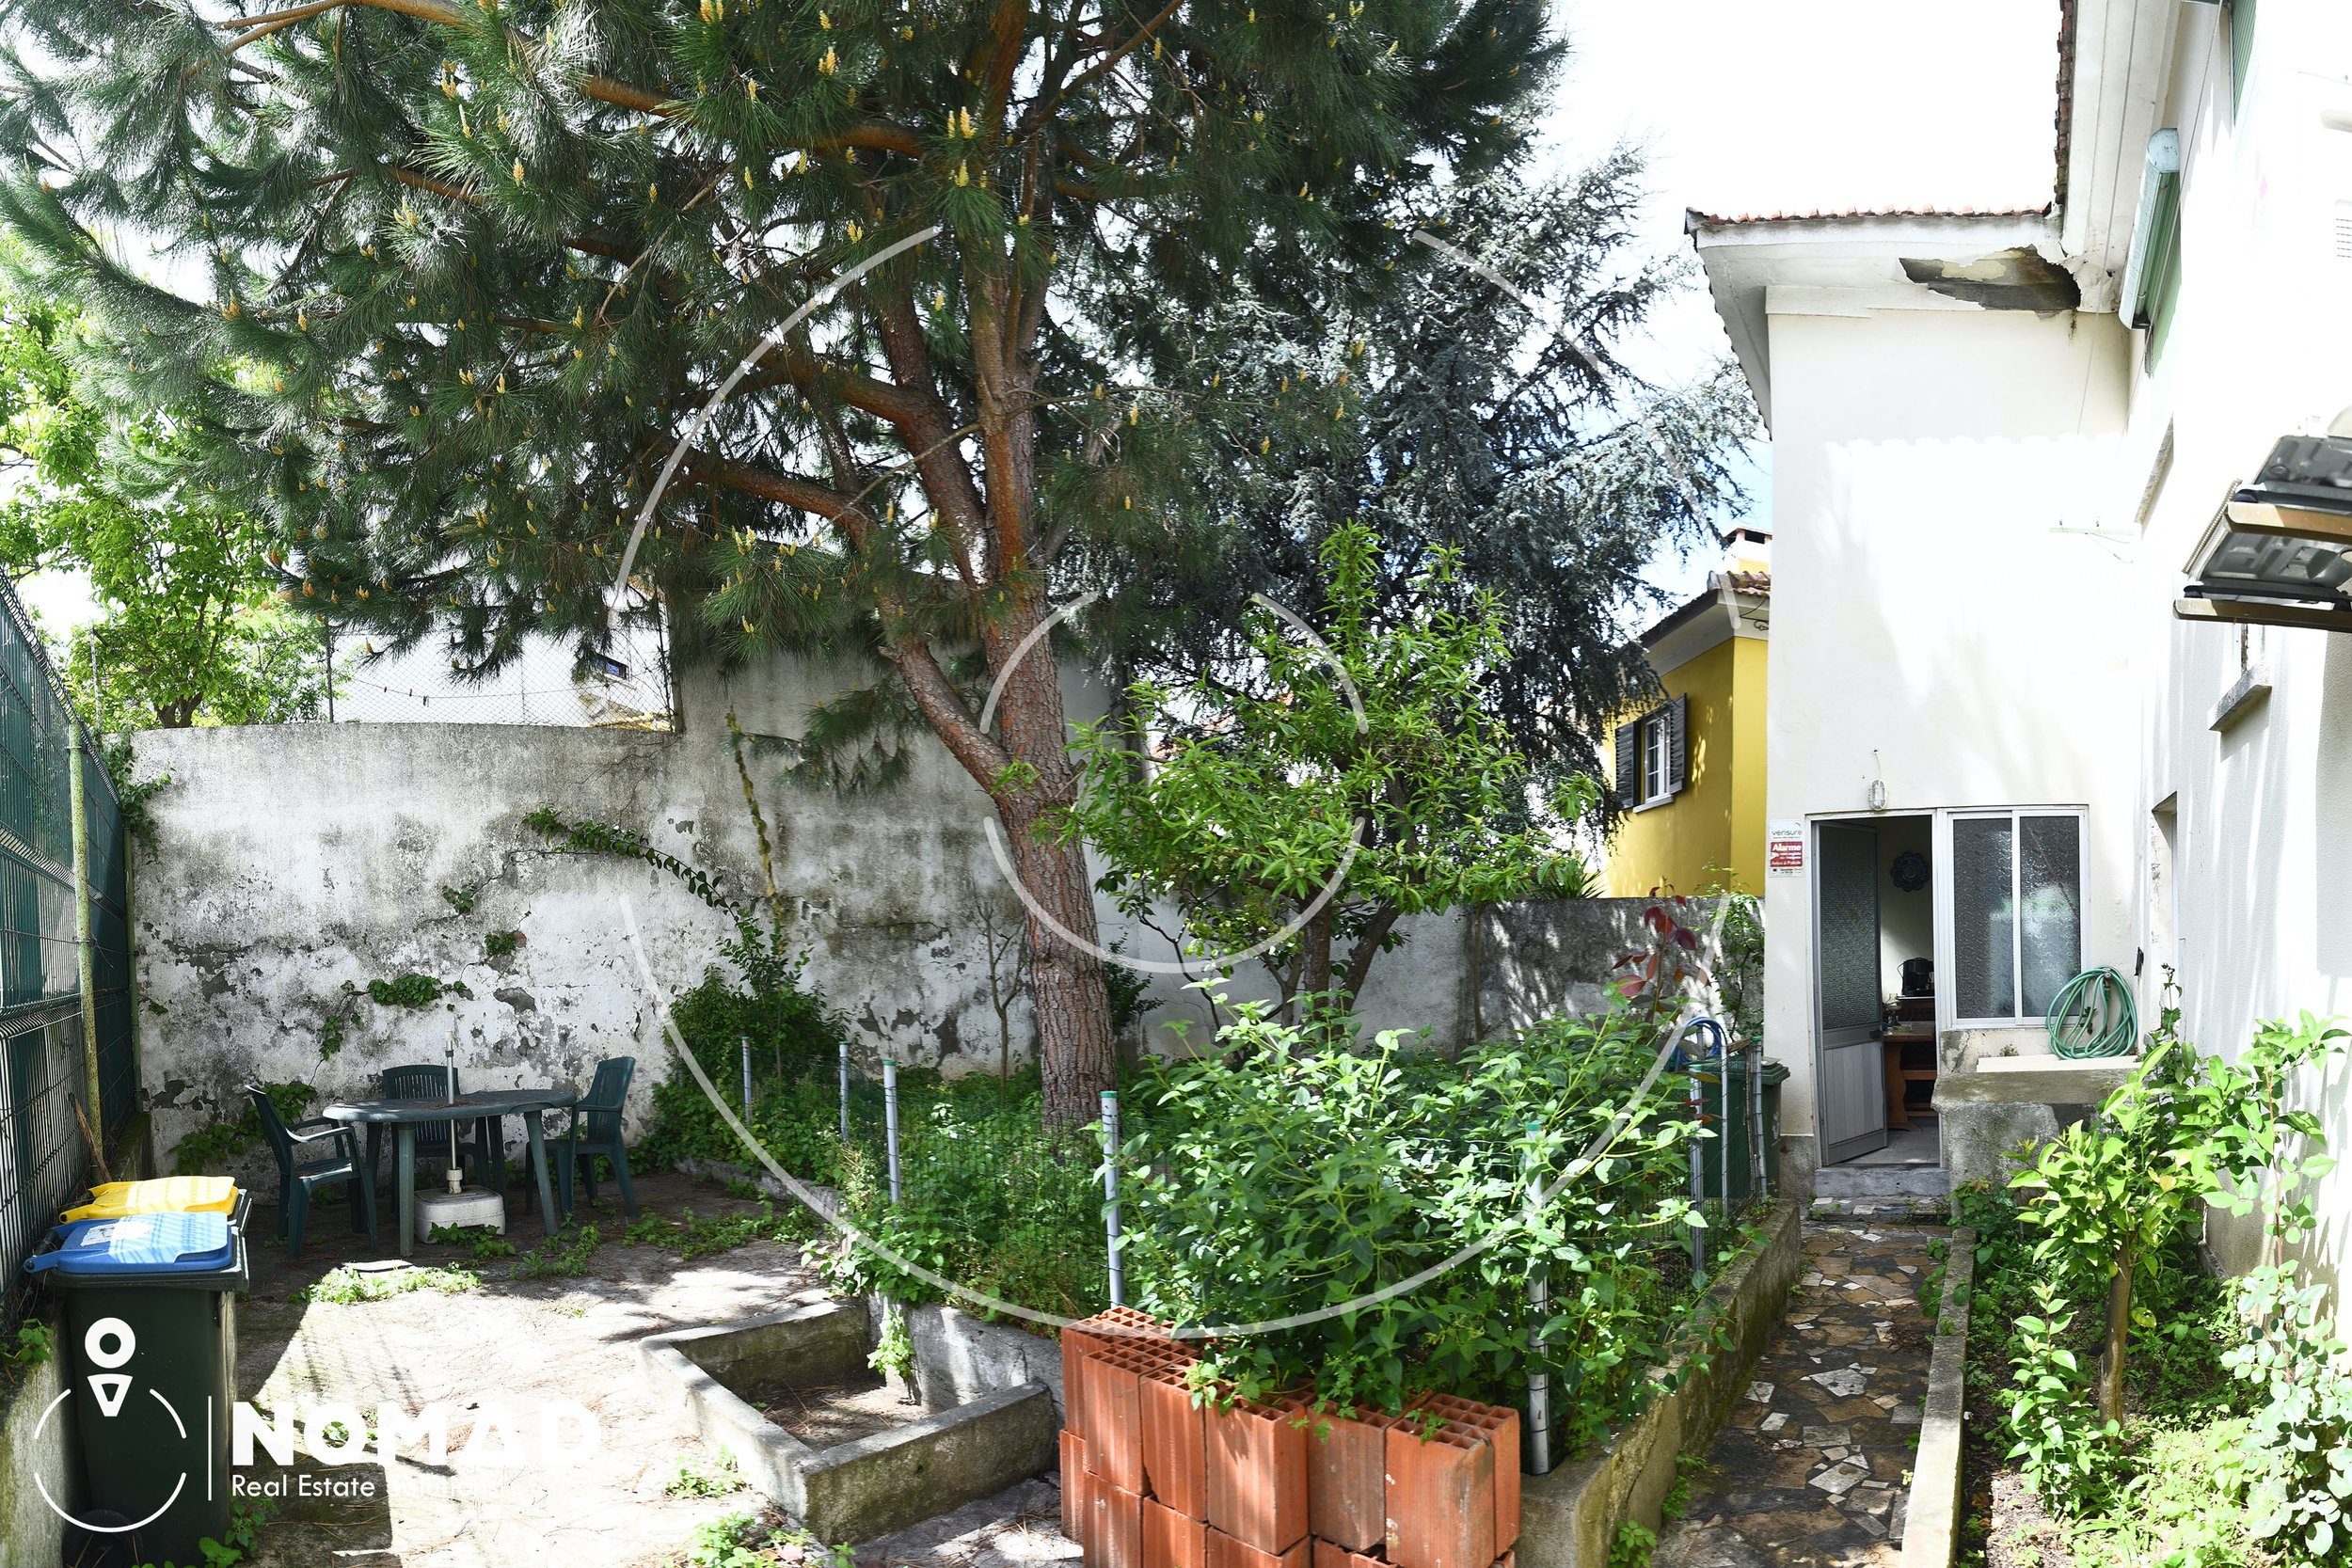 Mais alguns detalhes - * Pequeno jardim na frente da casa* Logradouro enorme, cheio de potencial* Muito espaço e privacidade familiar* Diversidade de opções para a renovação* E muito mais…